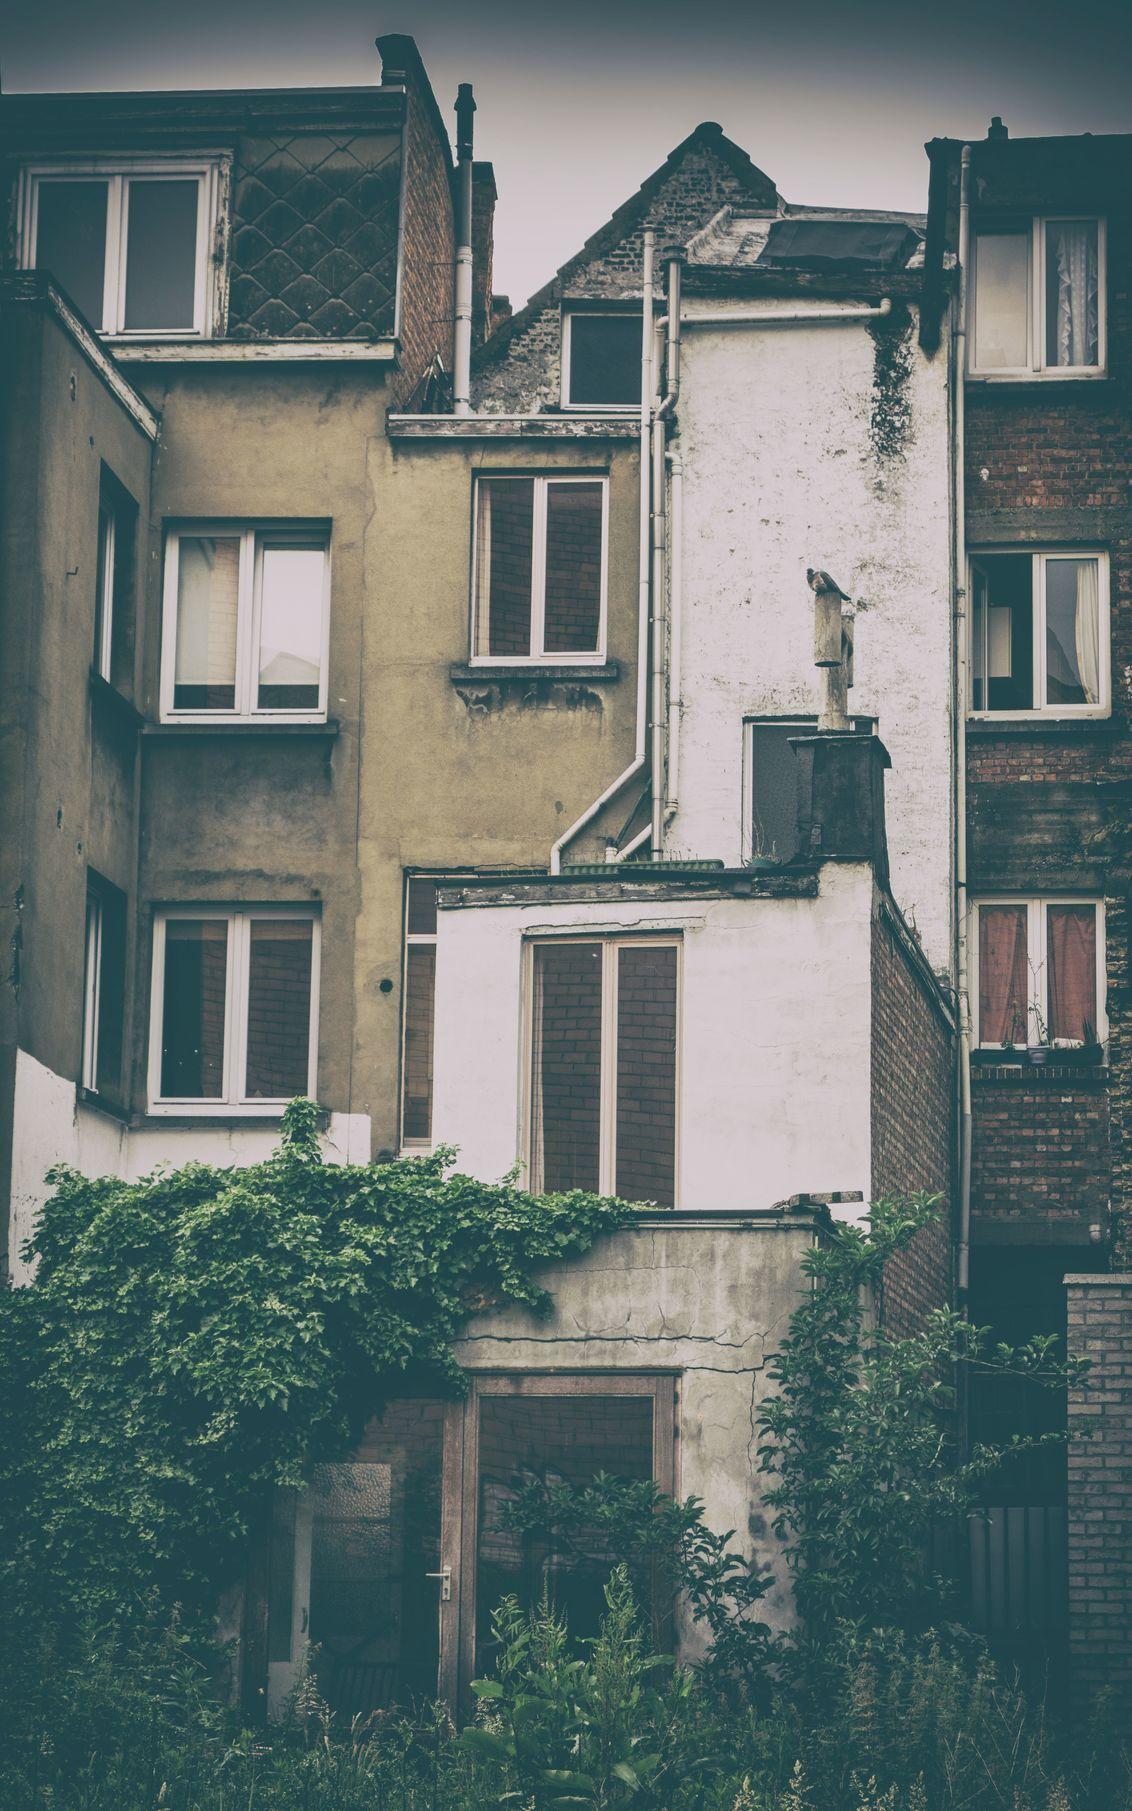 Antwerpen - Verval - Vervallen huisjes in Antwerpen, een veel voorkomend beeld dat ook zijn charmes heeft.  Foto bewerkt bij het programma Analog Efex Pro van de Nik co - foto door Krulkoos op 31-05-2016 - deze foto bevat: architectuur, antwerpen, huizen, huisje, verlaten, verval, filter, urbex, rx100, Analog Efex Pro, maurice weststrate, nik collectie, gogle, klein huis